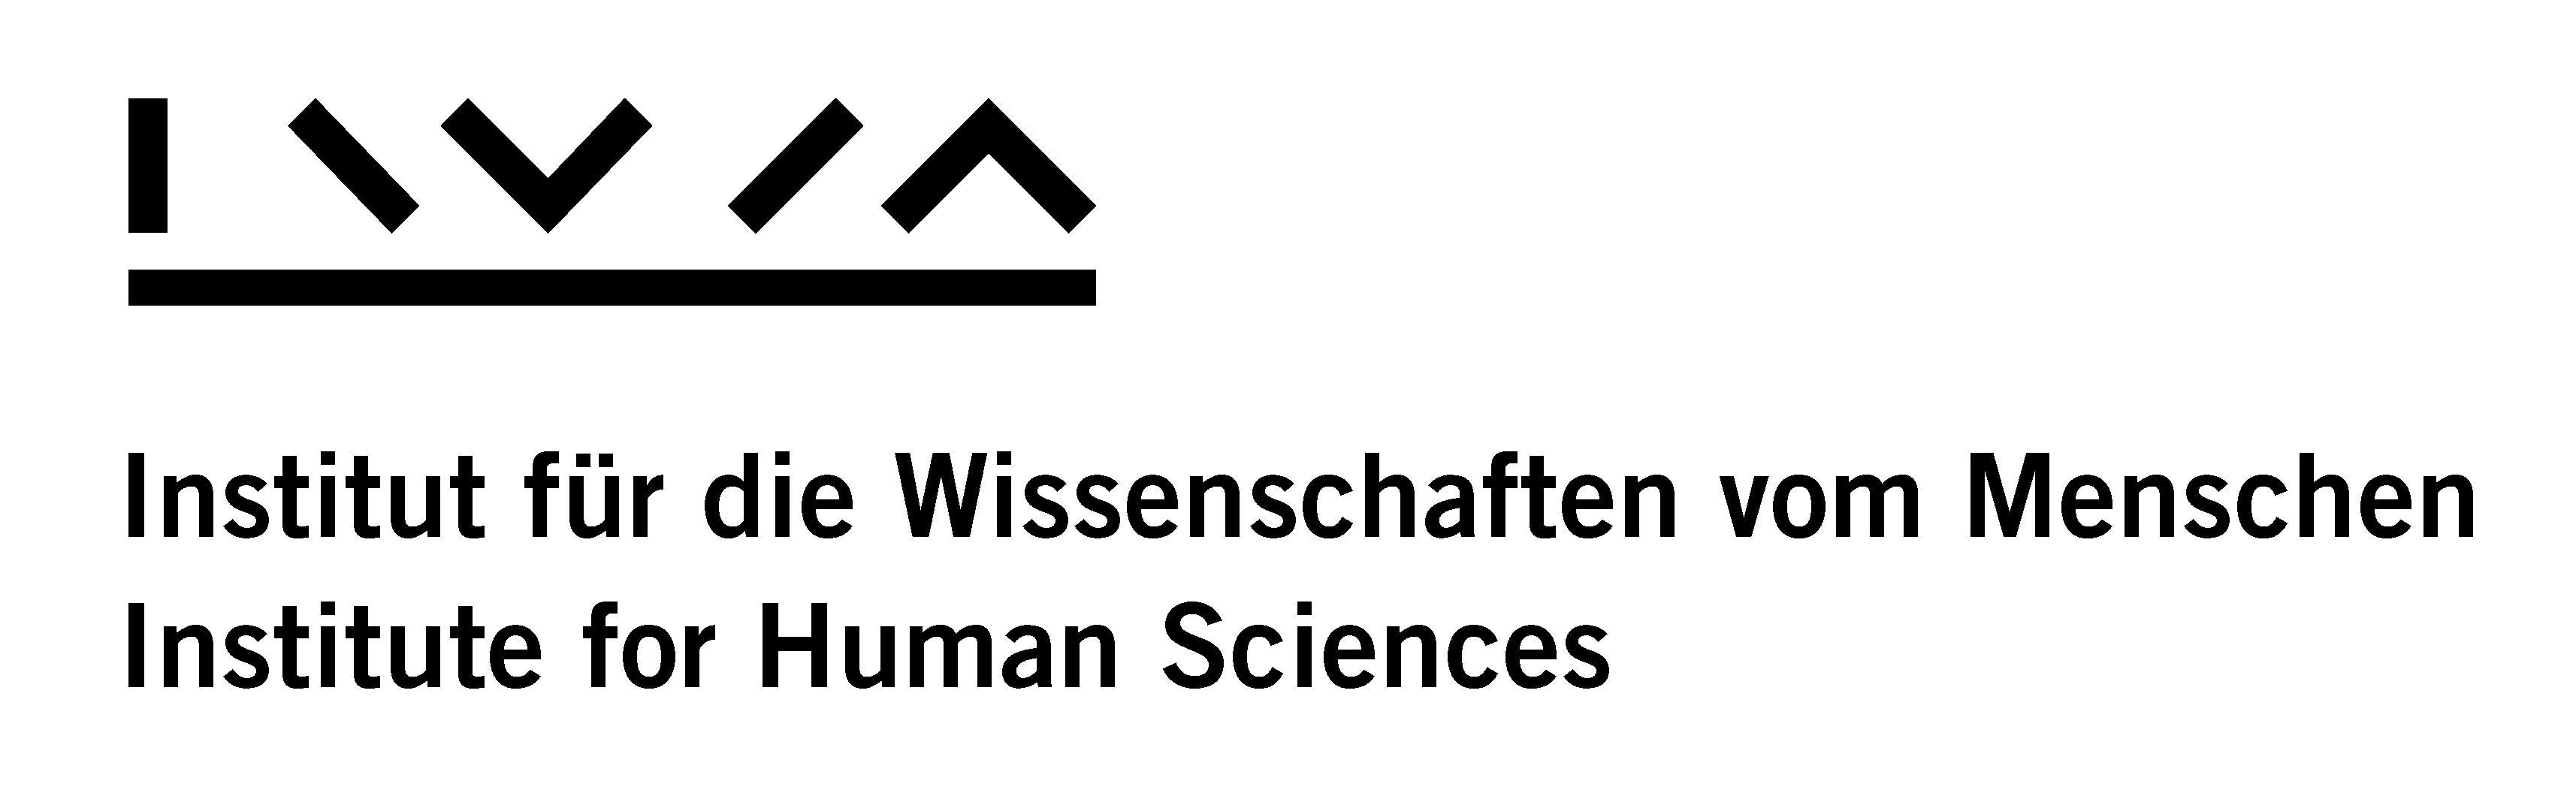 logo for Institut für die Wissenschaften vom Menschen